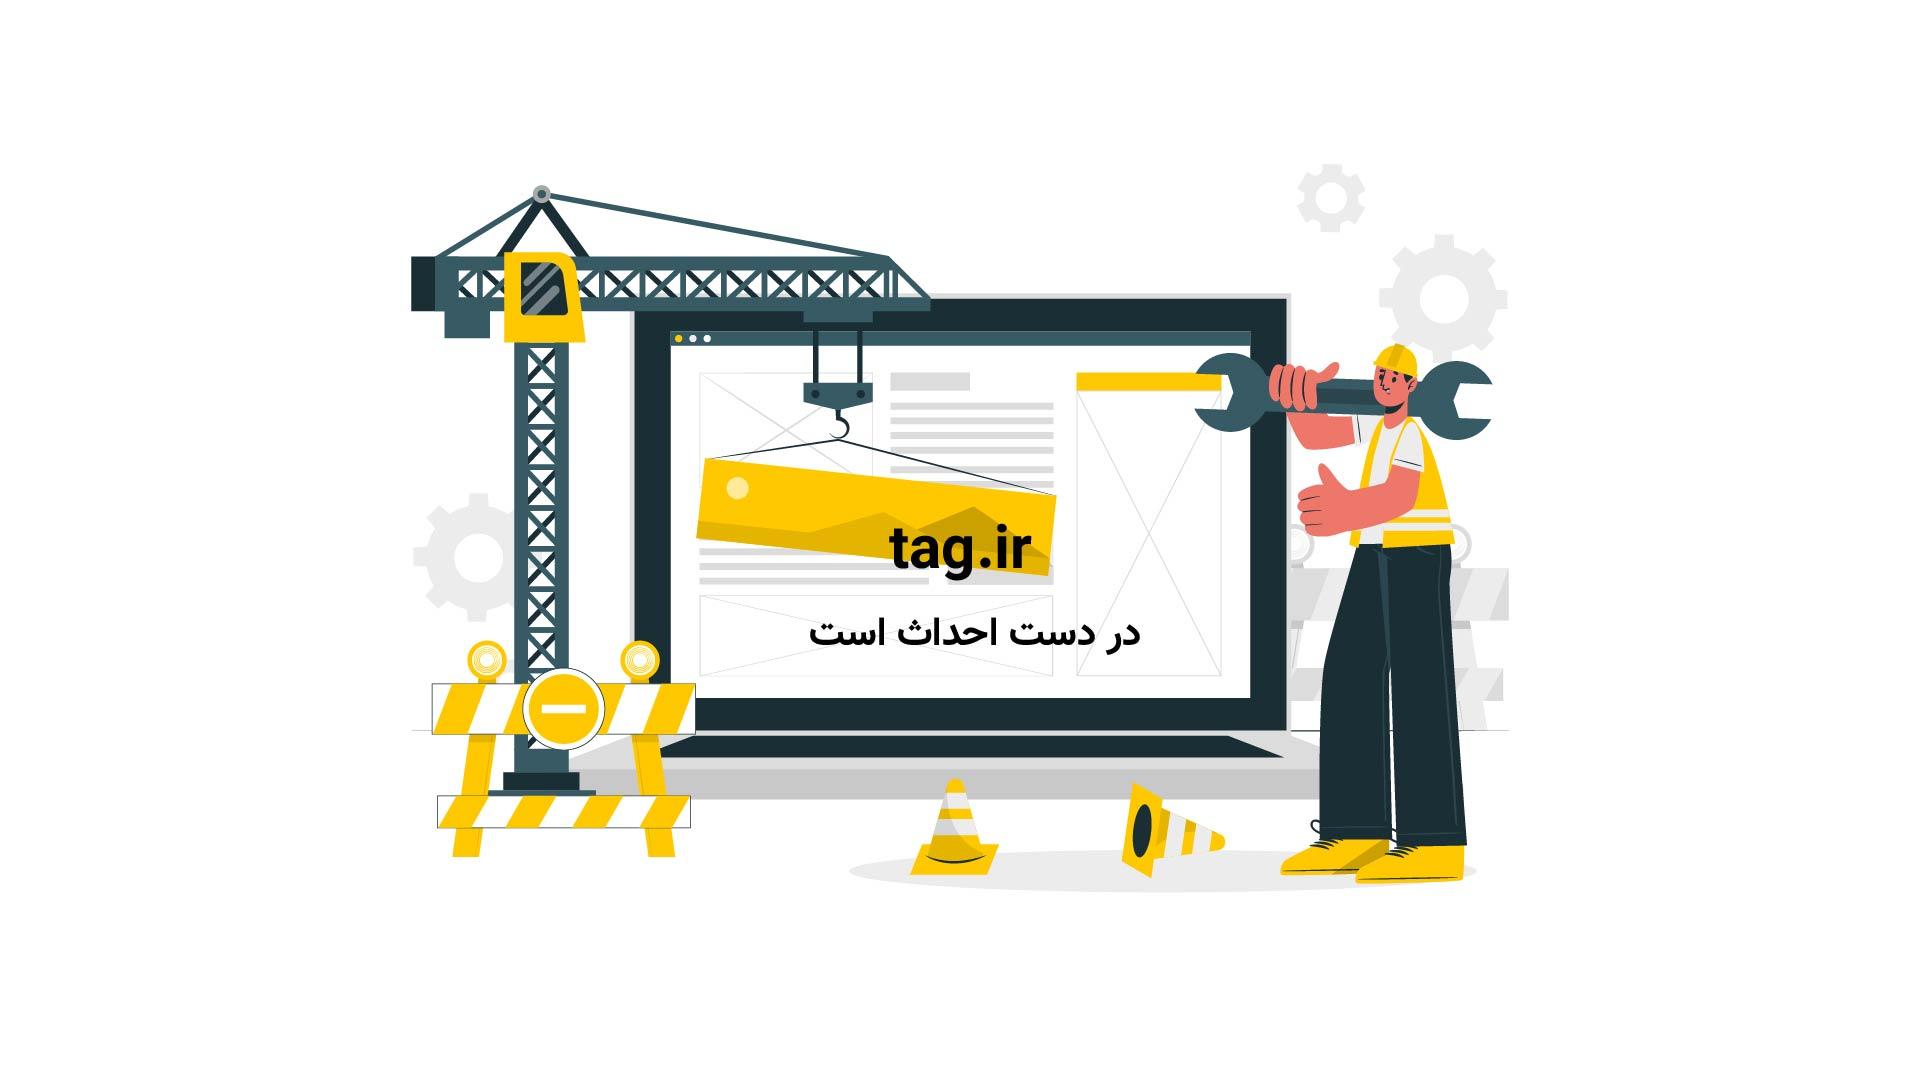 تکنیک نقاشی با آبرنگ؛ آموزش کشیدن جنگل | فیلم